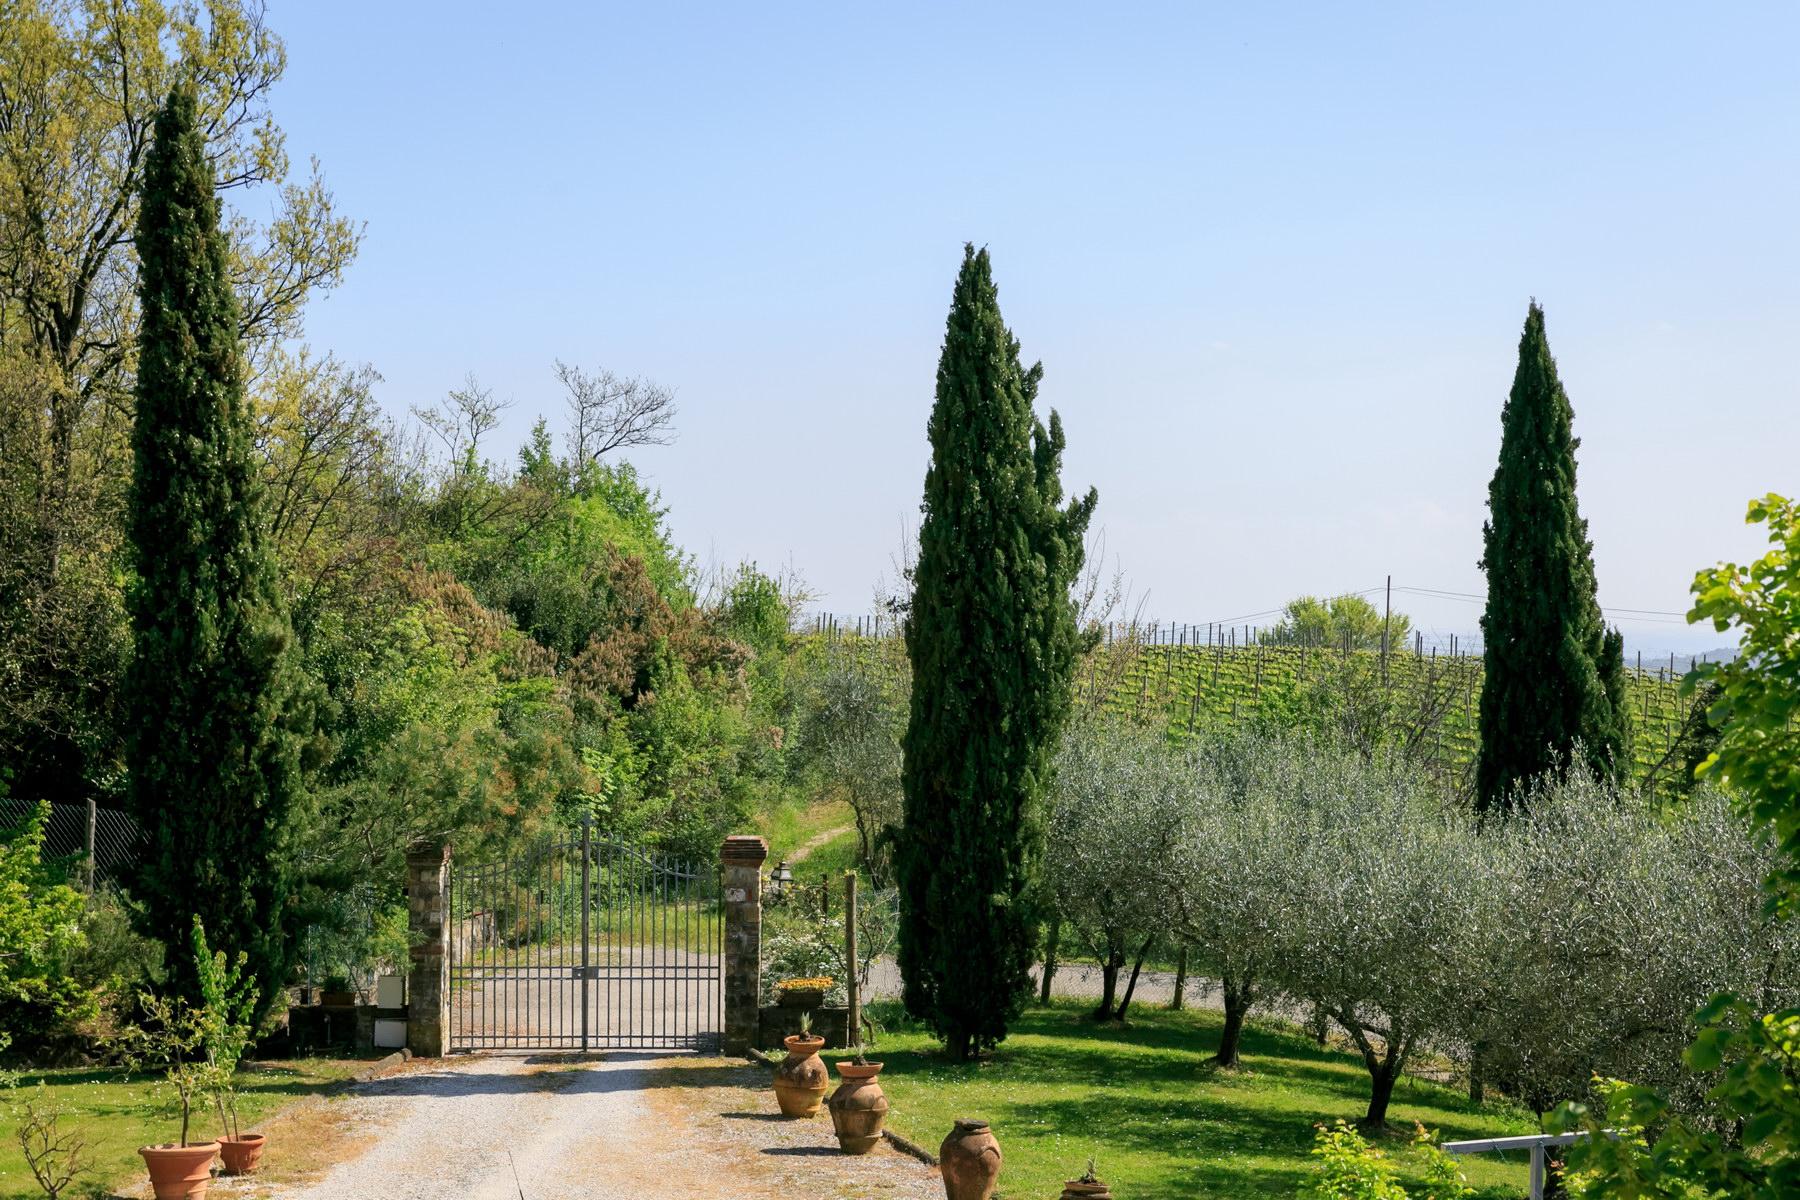 Rustico in Vendita a Capannori: 5 locali, 510 mq - Foto 6